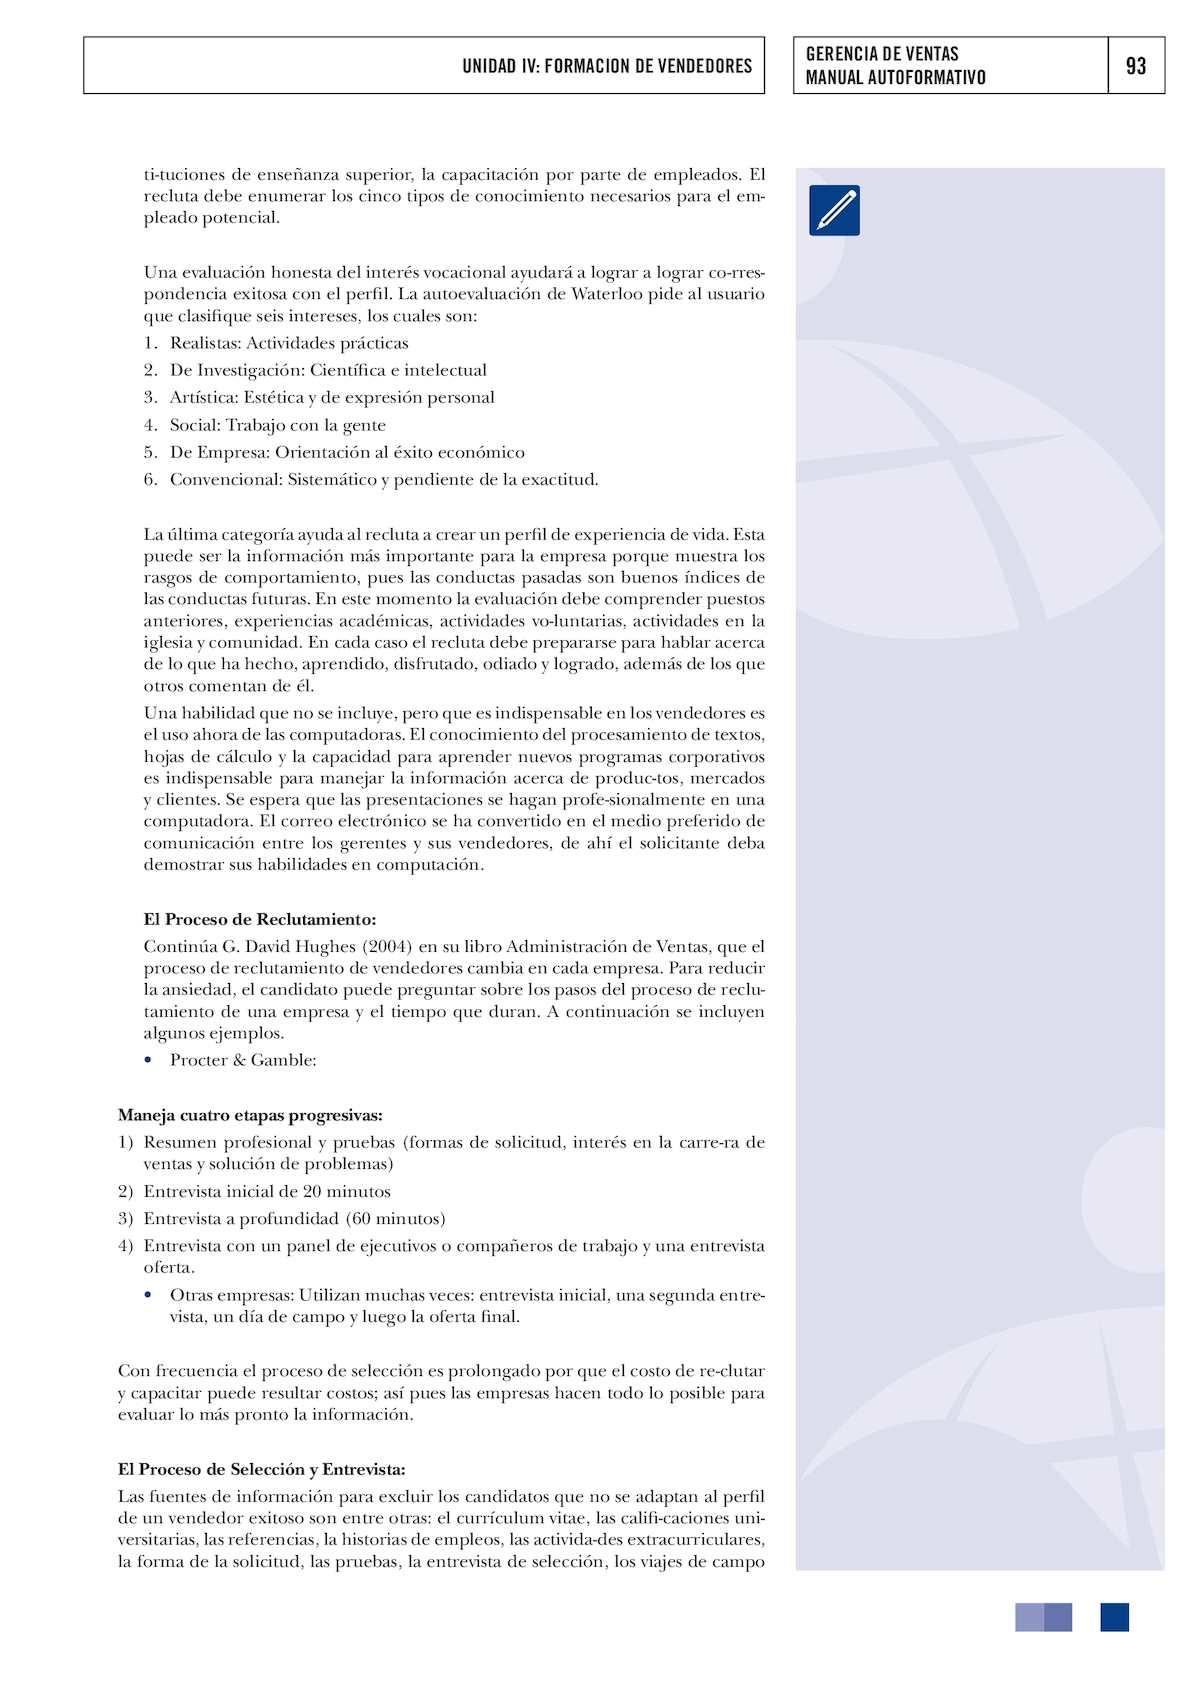 Moderno Perfil De Representante De Ventas Resume Bandera - Ejemplo ...